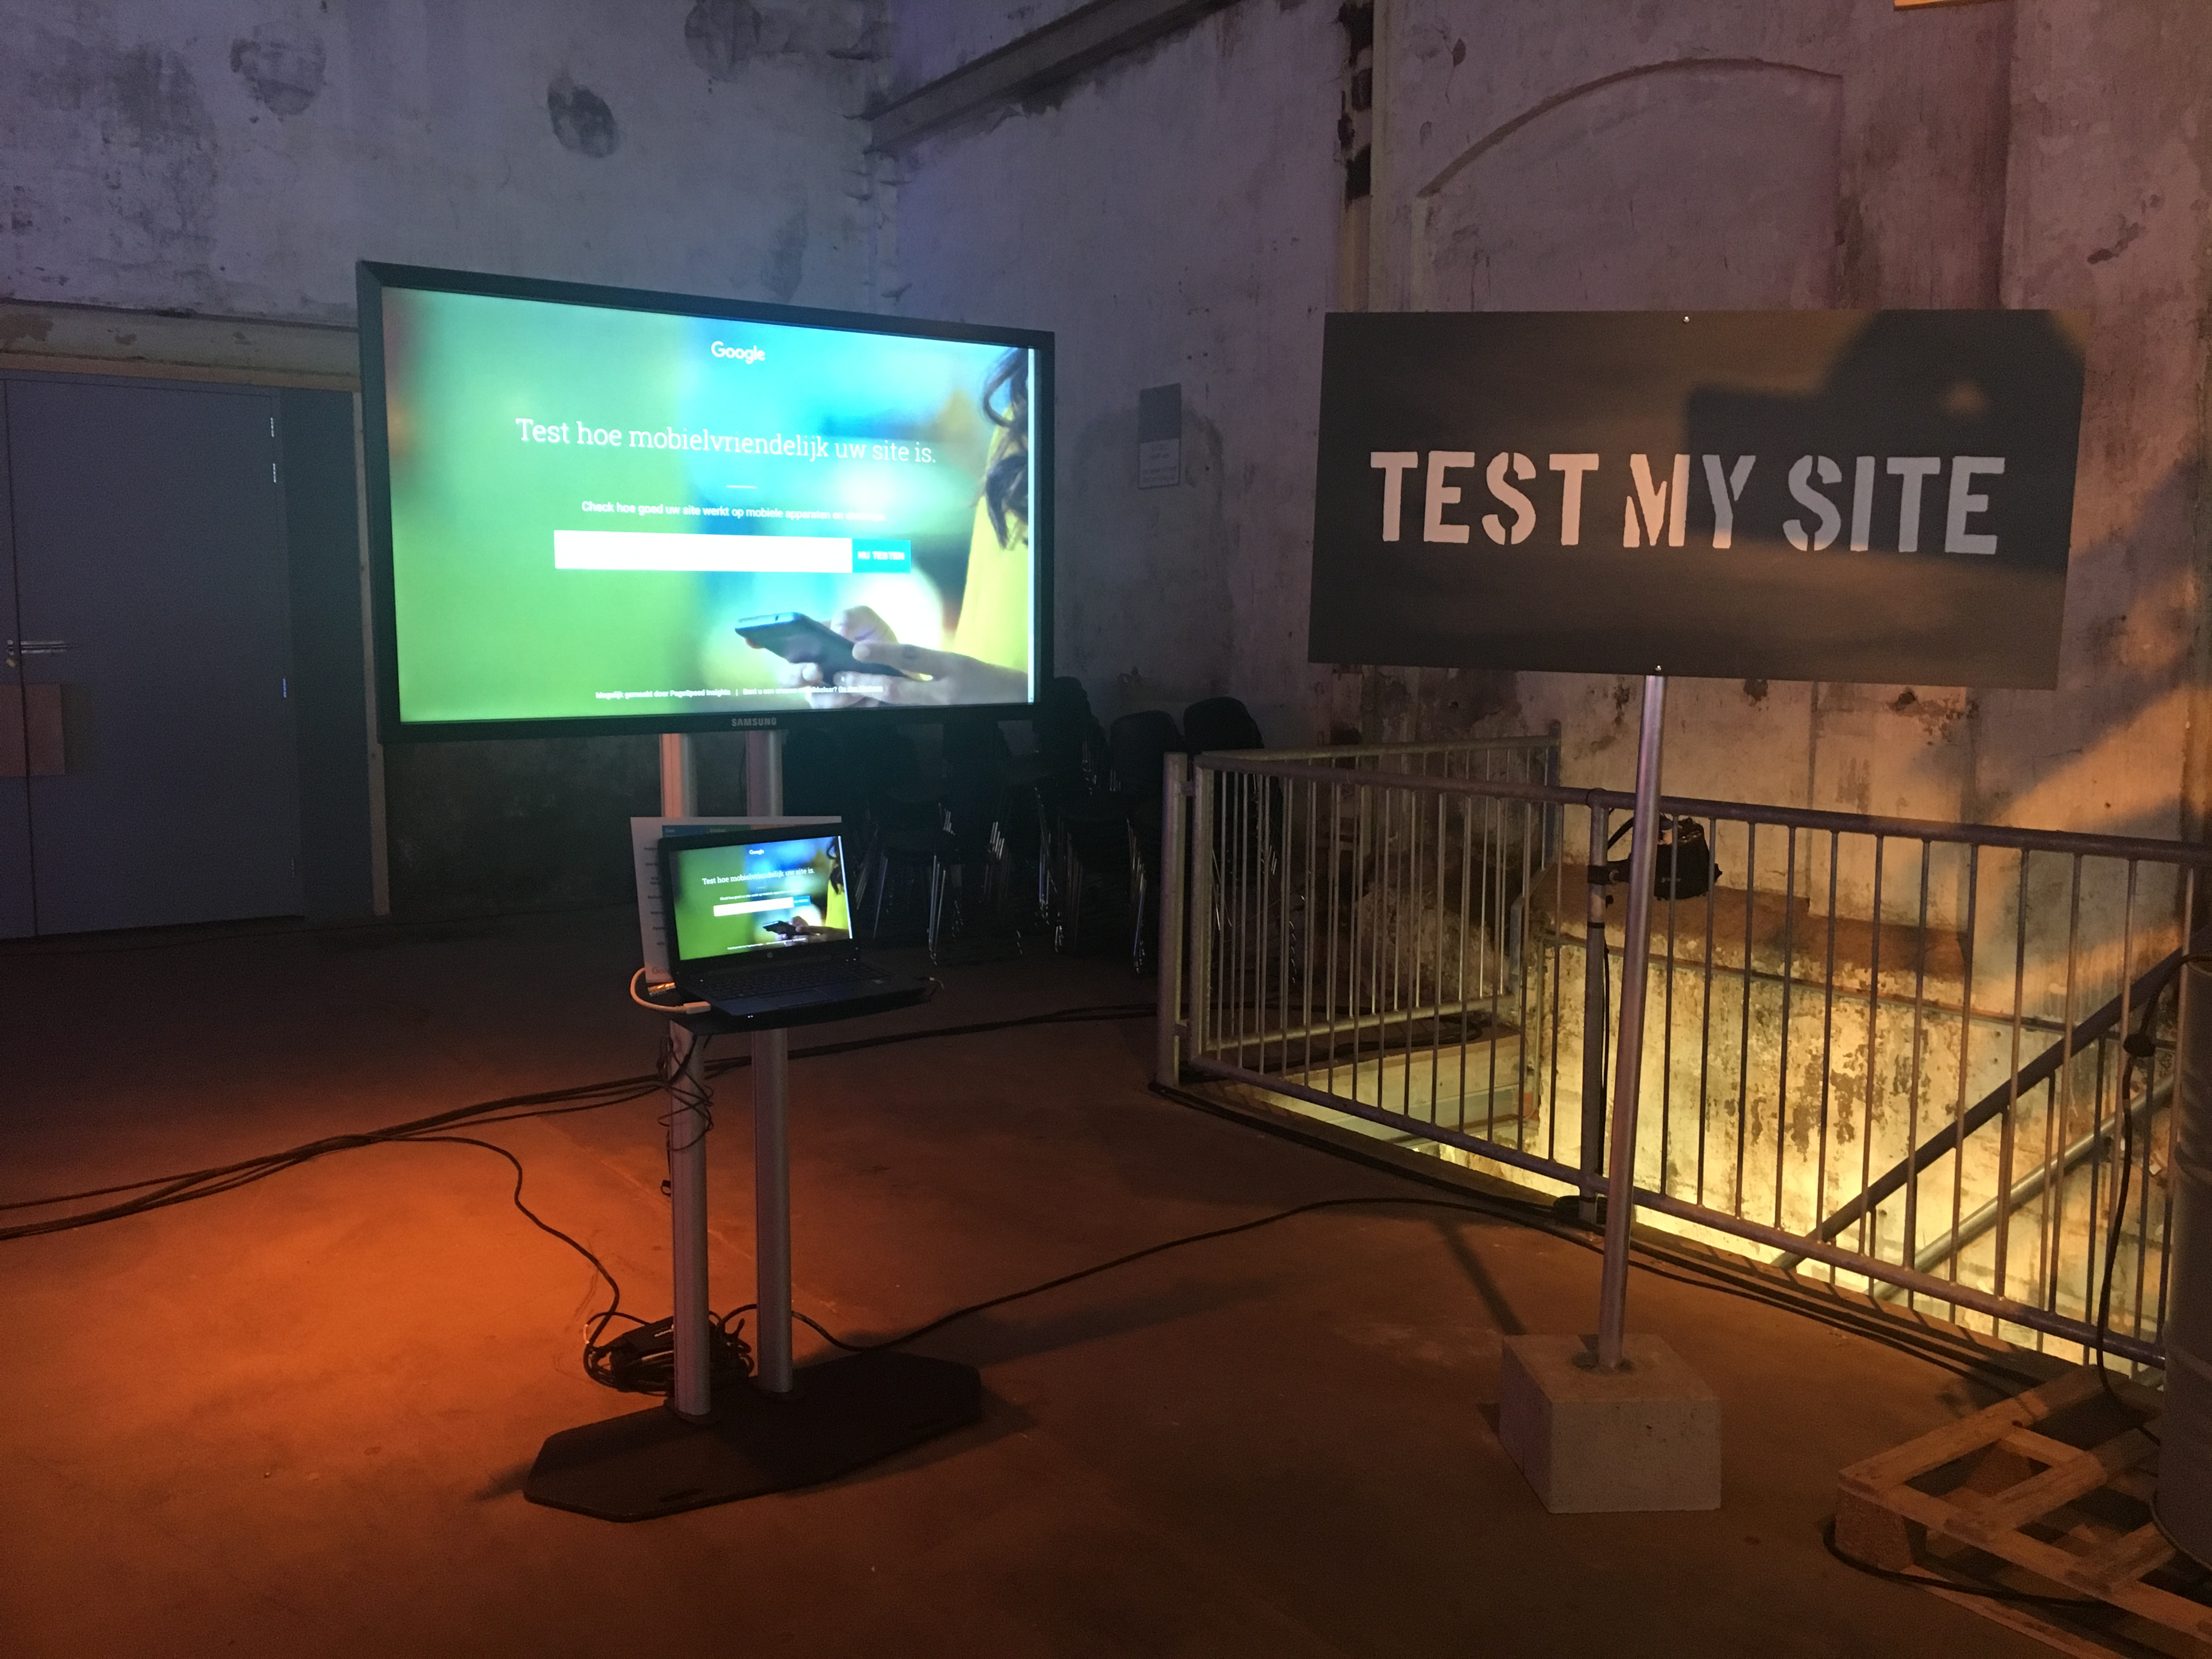 De Digitale Werkplaats van Google in Groningen